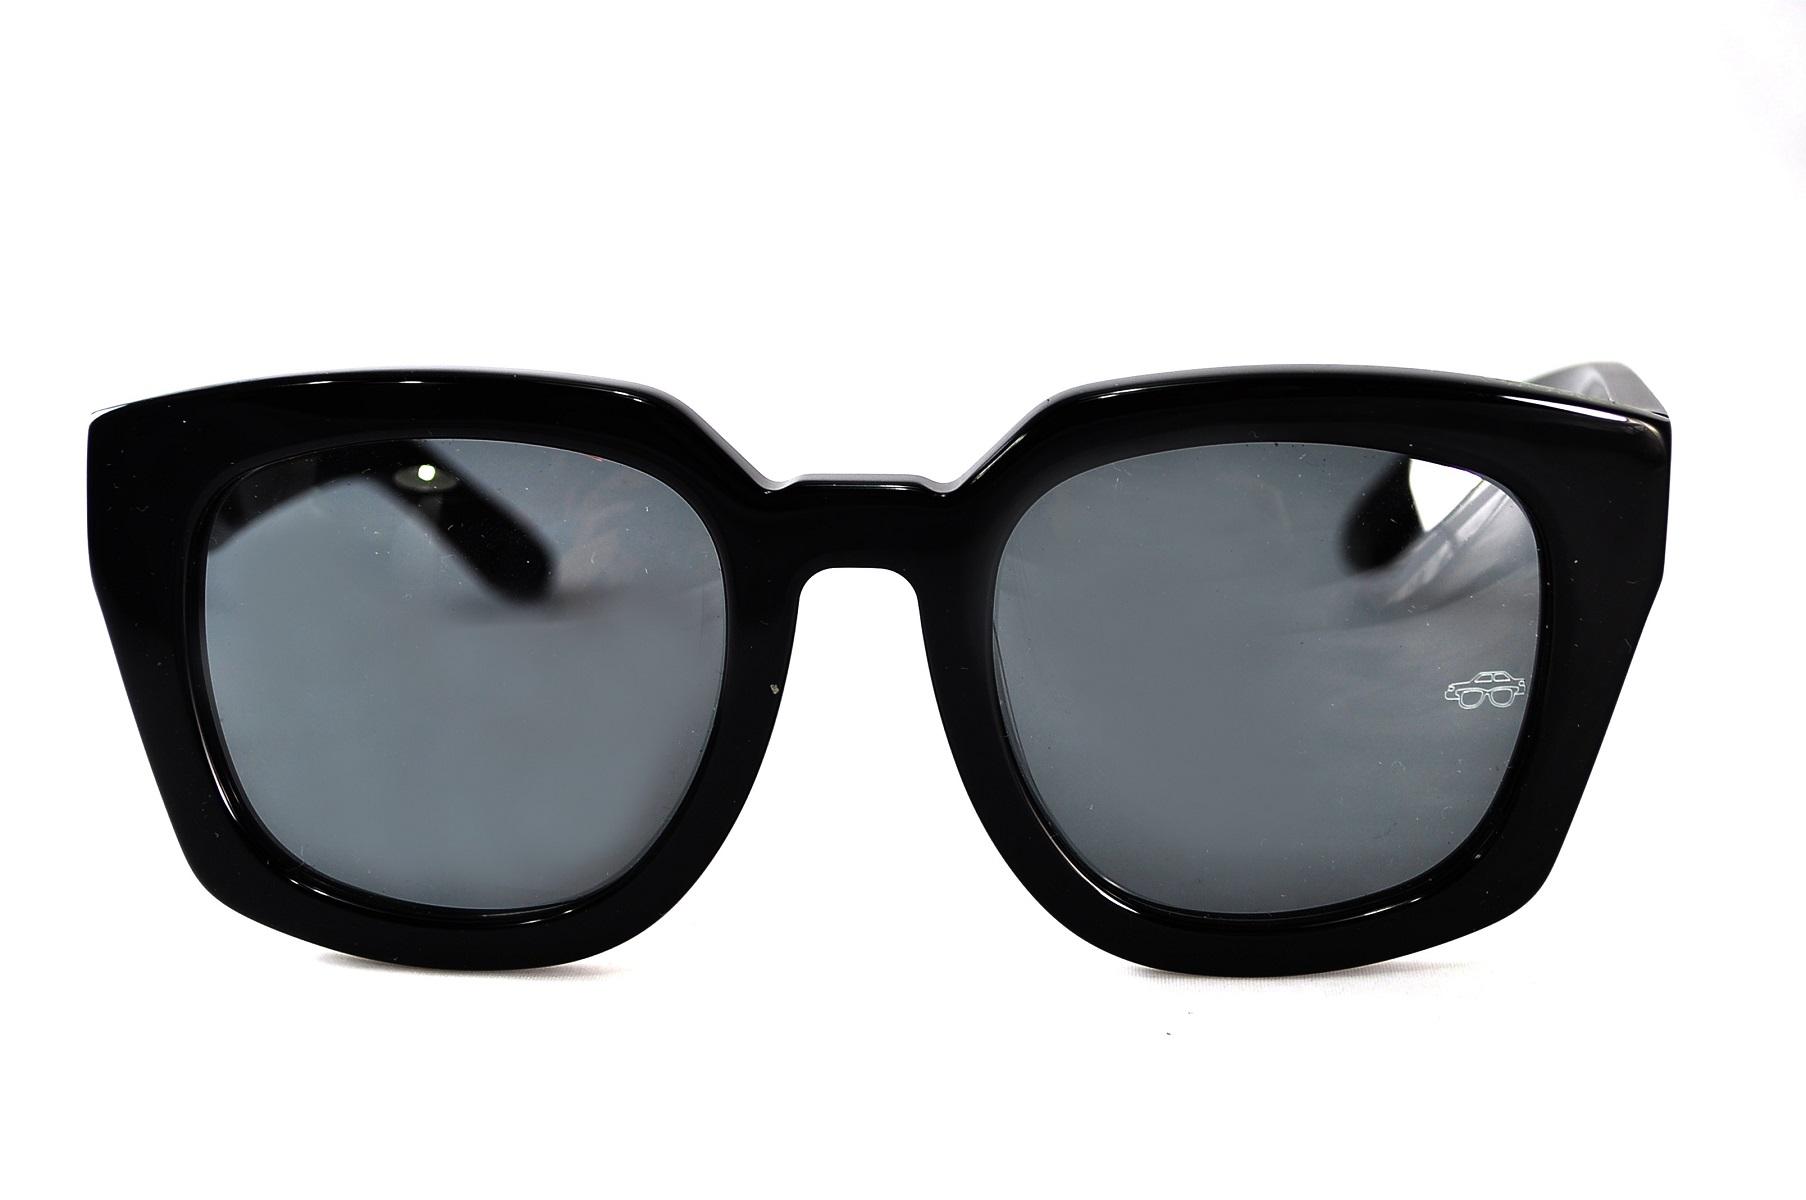 YOSHIMOTO CREEP(黑) $6150